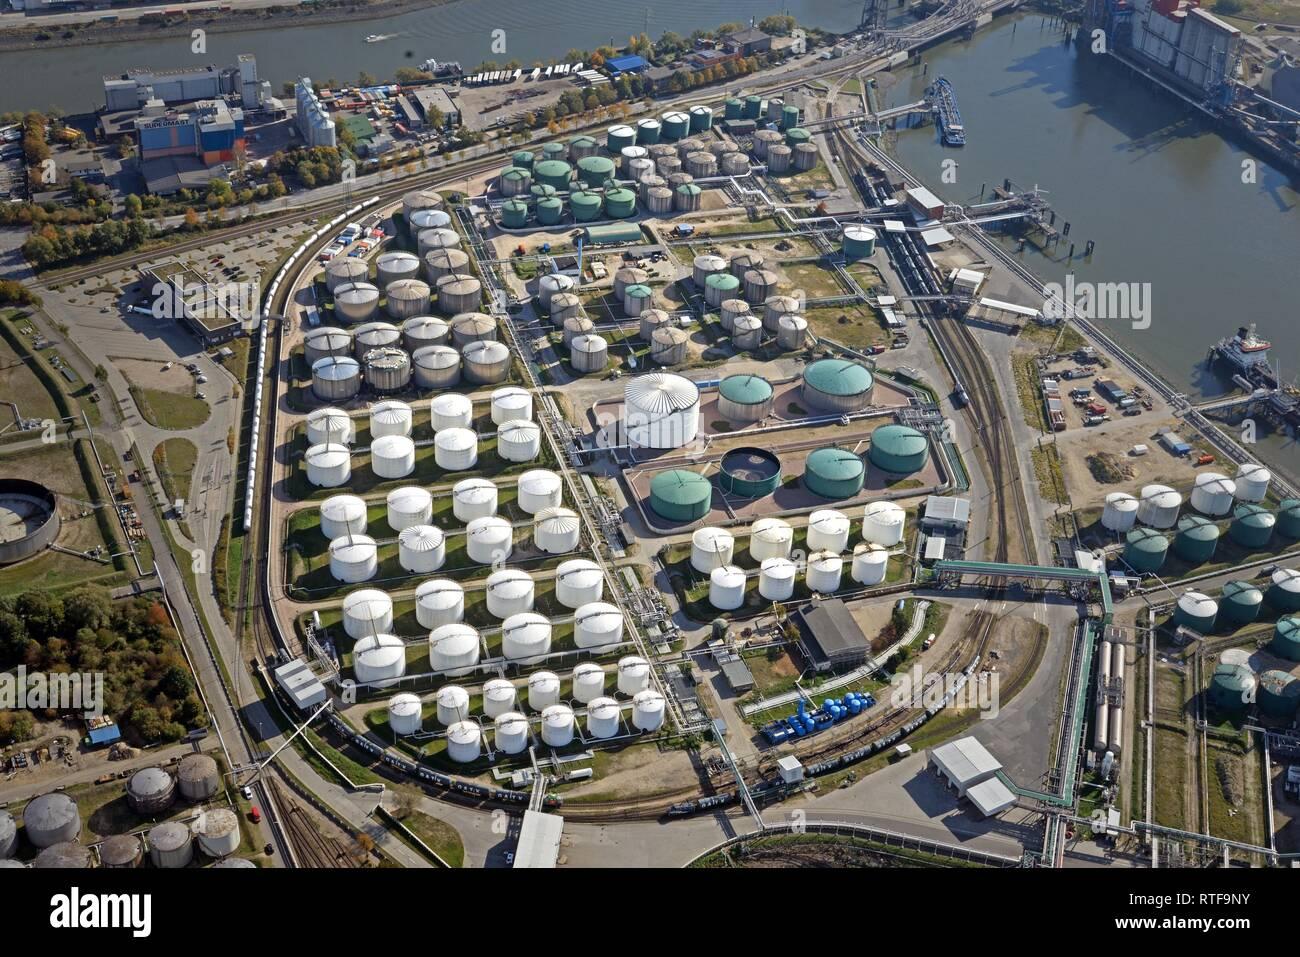 Vista aérea, Tank Farm Vopak, almacenamiento de hidrocarburos, gas y productos químicos, el puerto de Hamburgo, Hamburgo, Alemania. Foto de stock